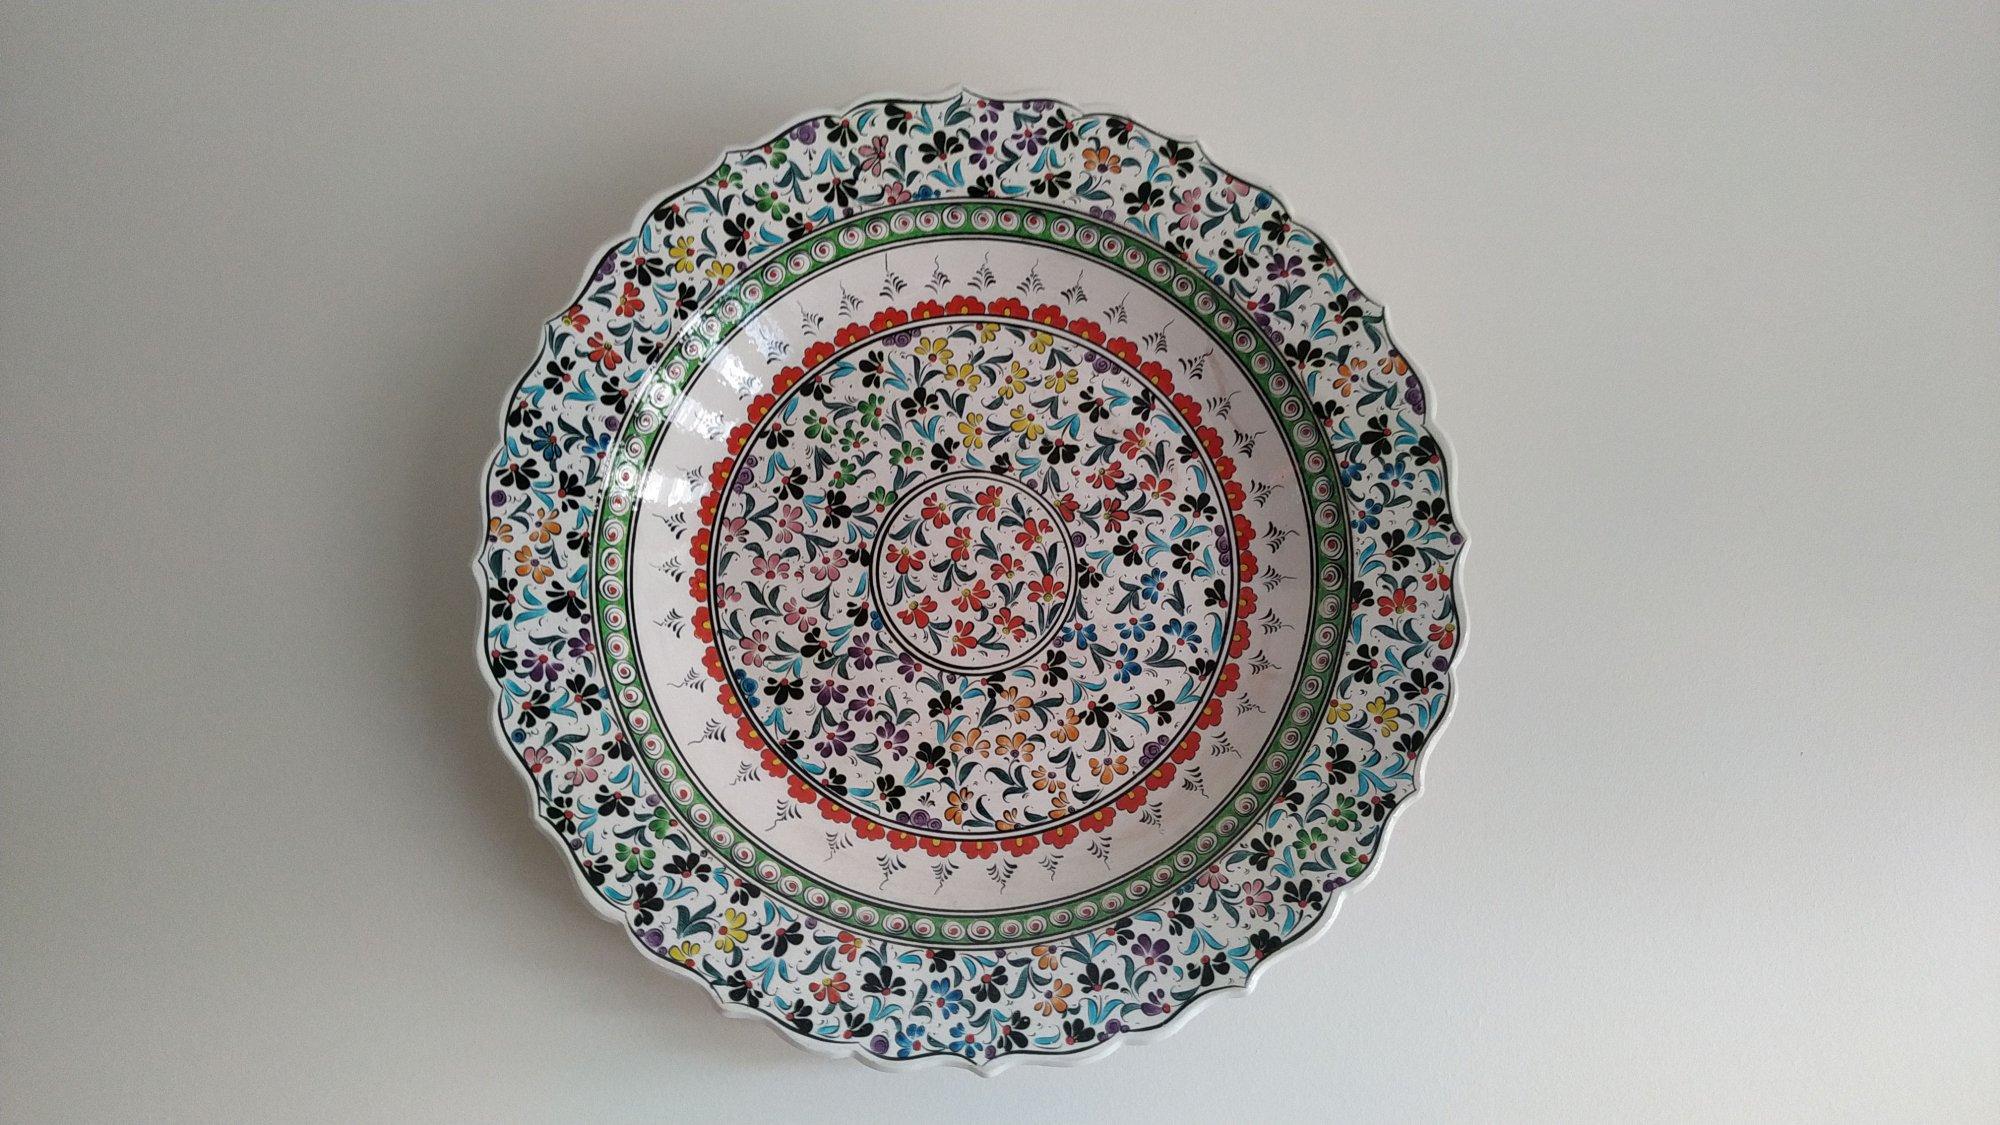 Osmanlı Çini Sanatı Örnekleri Klasik İznik ve Kütahya el yapımı çinileri  Klasik Desen Samur Fırça iznik ve Kütahya çini Tabak